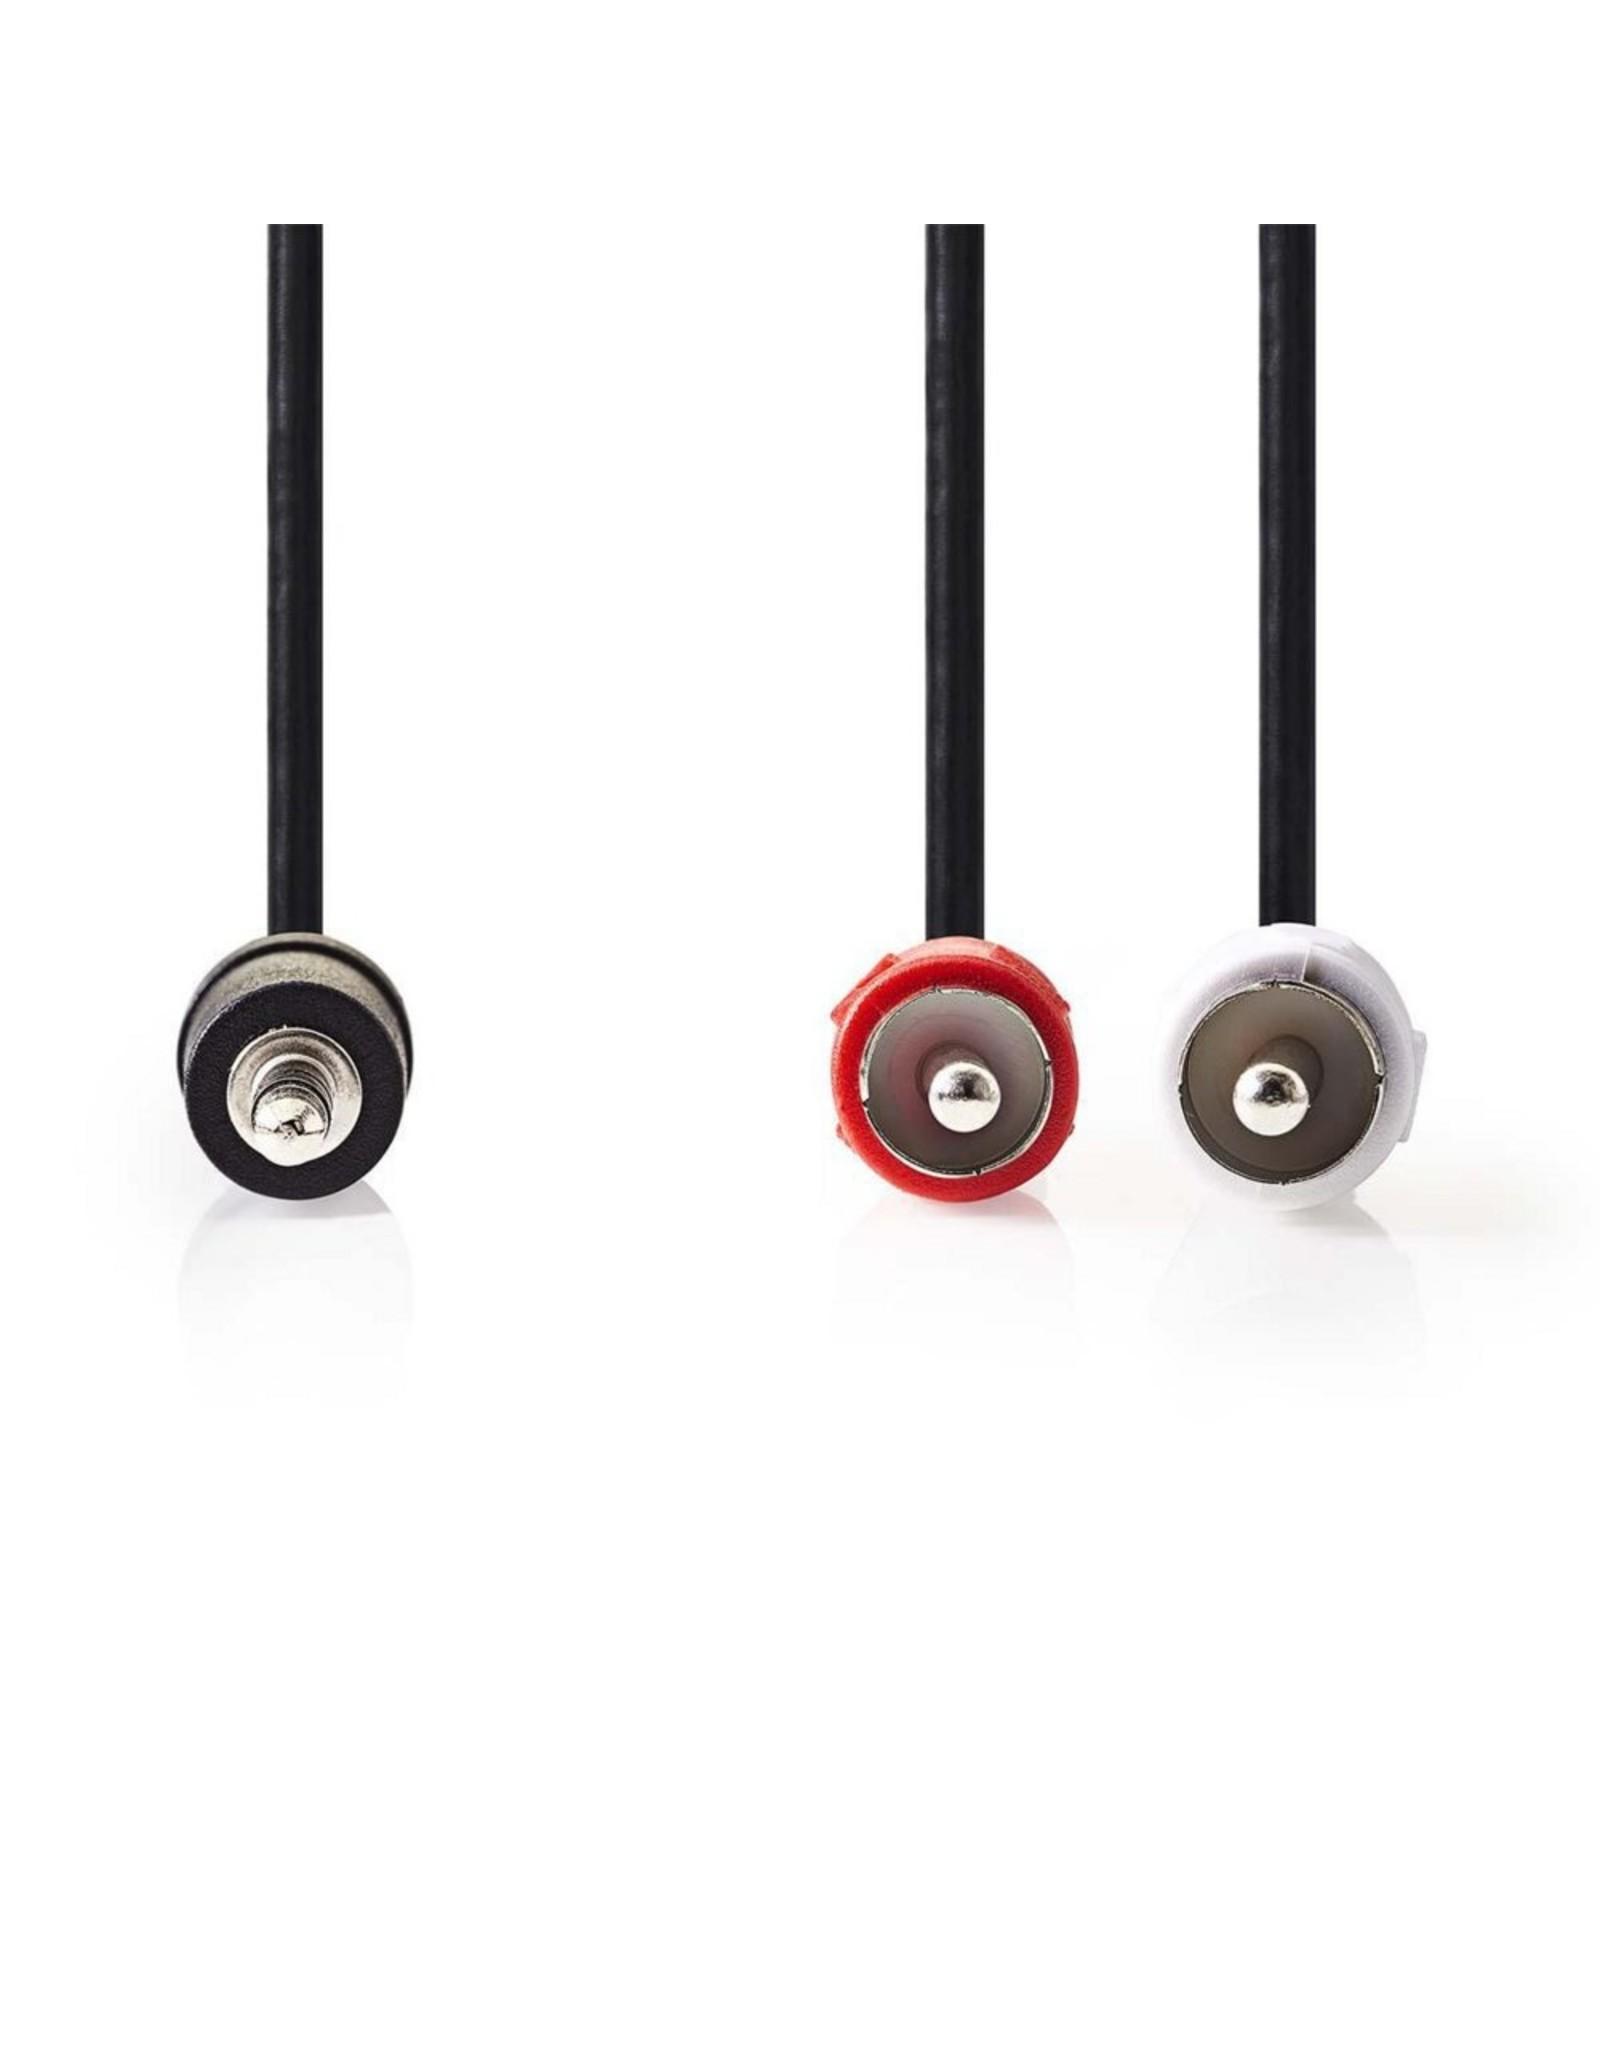 OEM Kabel Audio 2x RCA - Jack 3.5 Stereo 3 meter